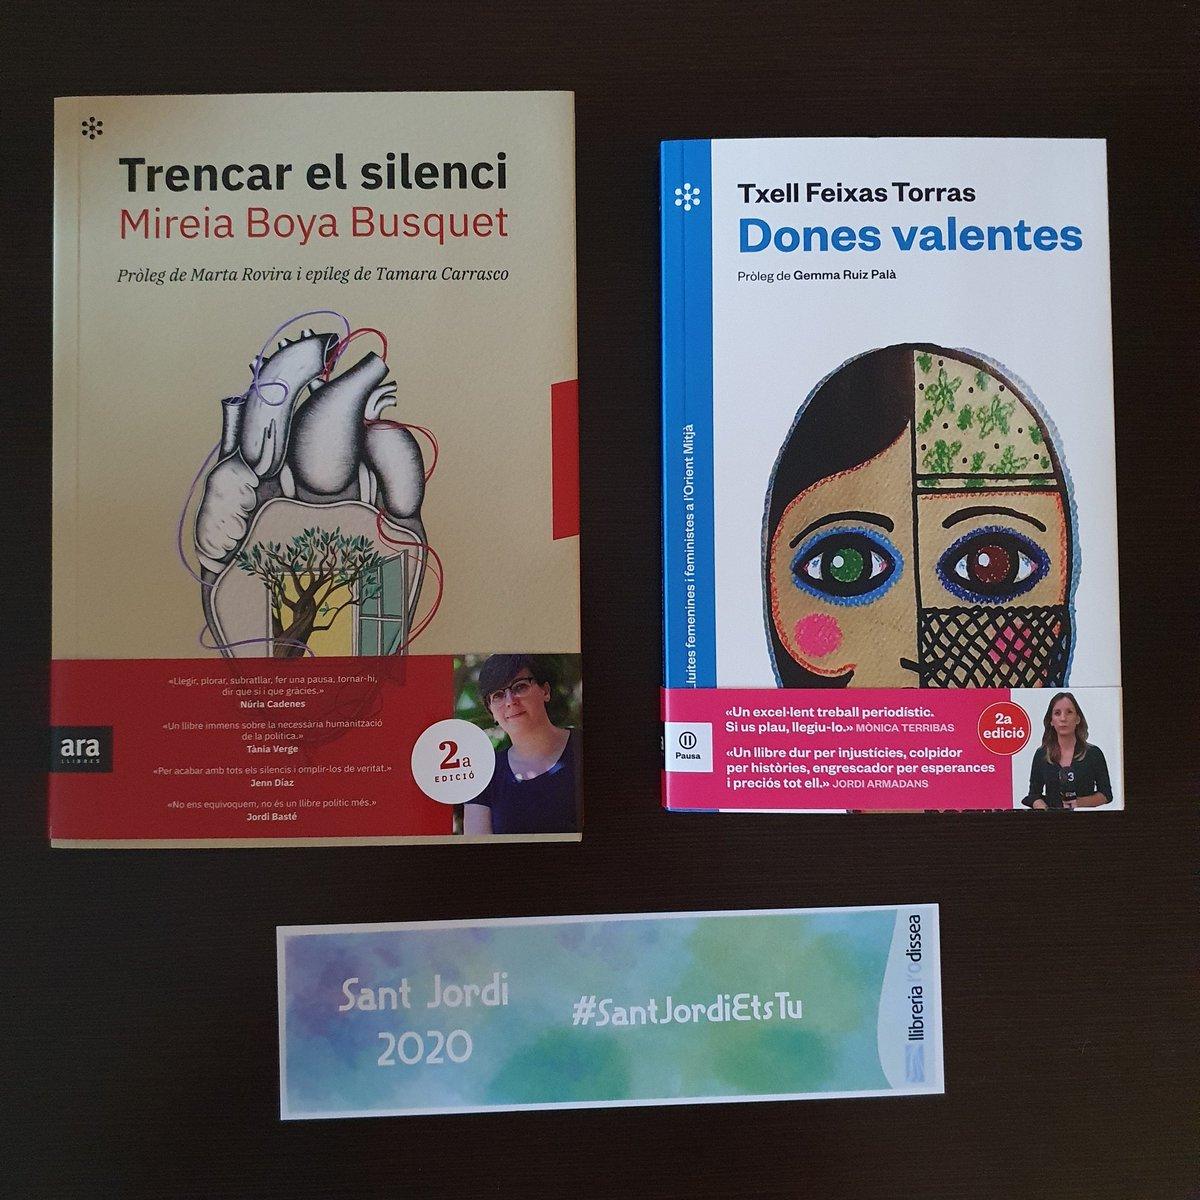 A compartir amb ma germana i ma mare: les 3 dones i les 3 lectores de la família (amb permís del devorallibres del meu nebot).  Ja els hem començat i són brutals!  @txellfeixas @yeyaboya @lodissea #donesvalentes #trencarelsilenci #SantJordiEtsTu #santjordiconfinat #santjordi2020 https://t.co/pCmHayJQV6